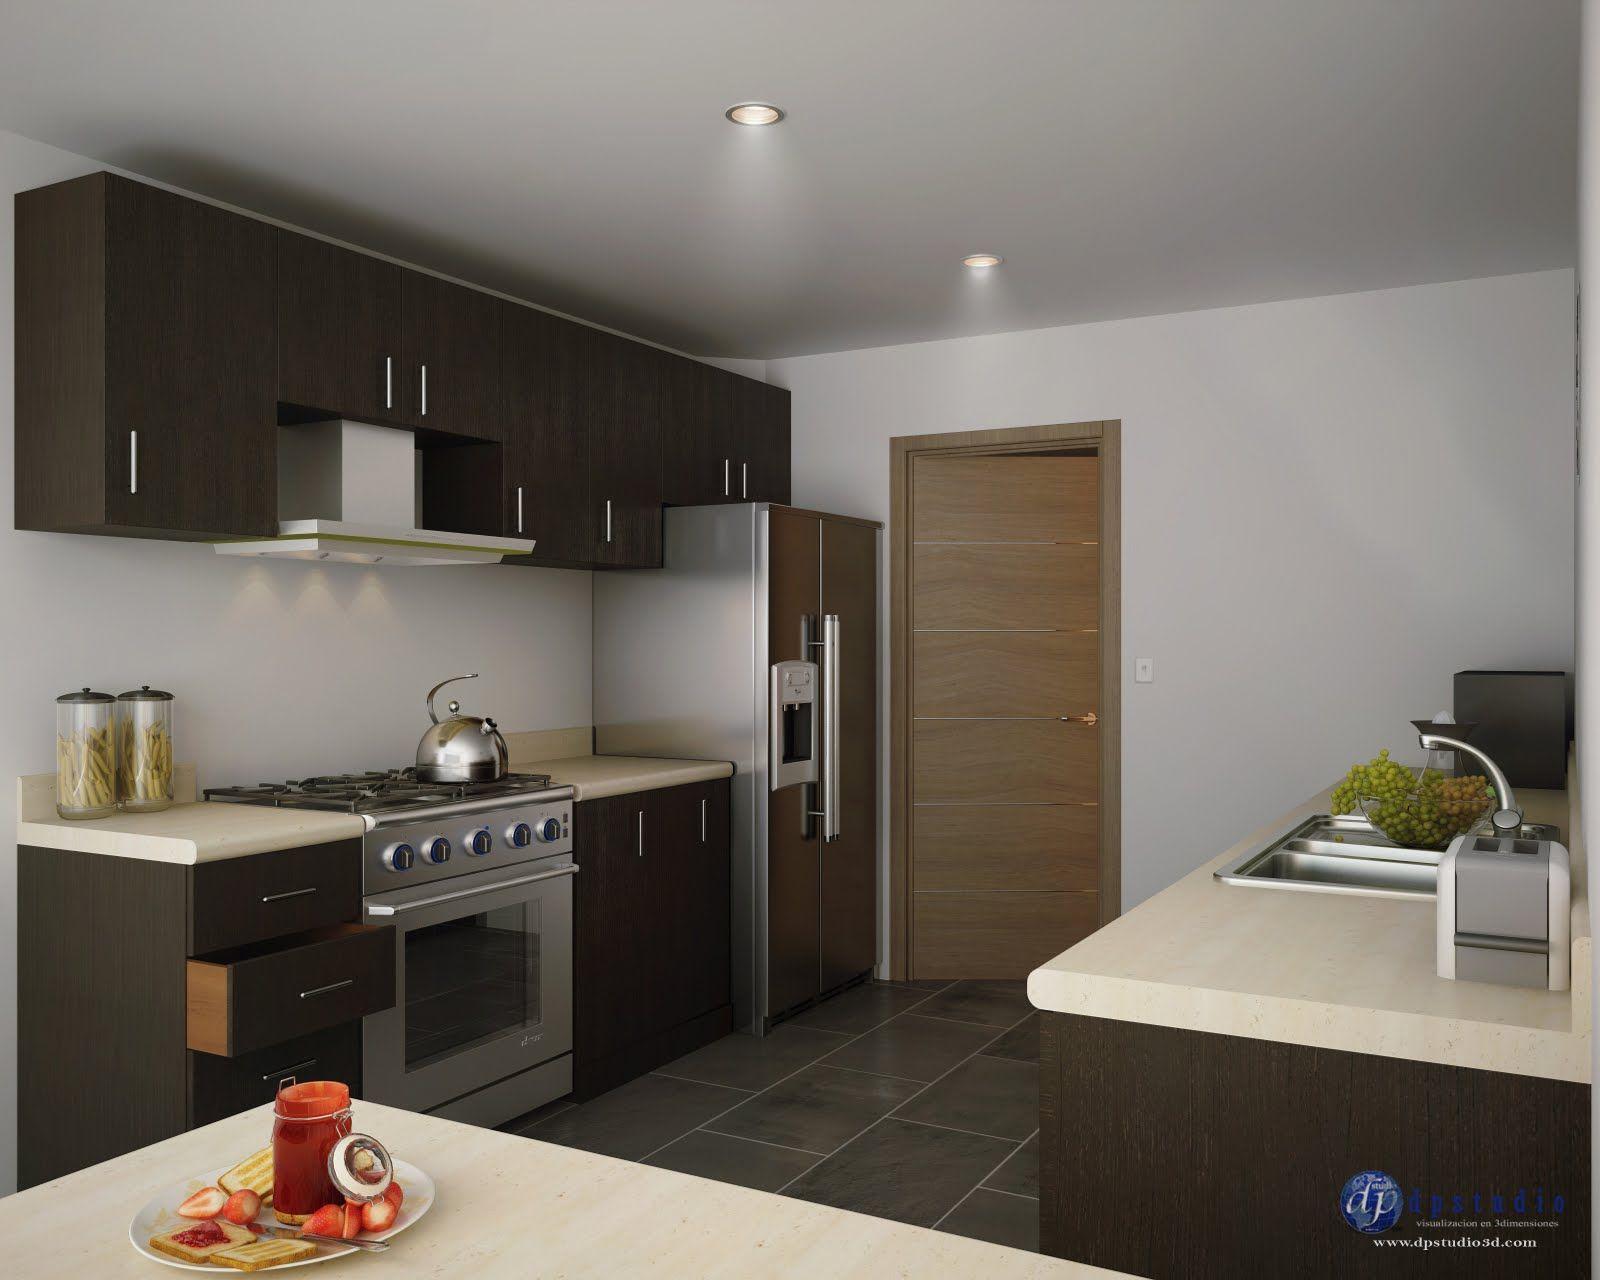 Vista Interior cocina casa modelos | Renders Interiores_Guatemala ...